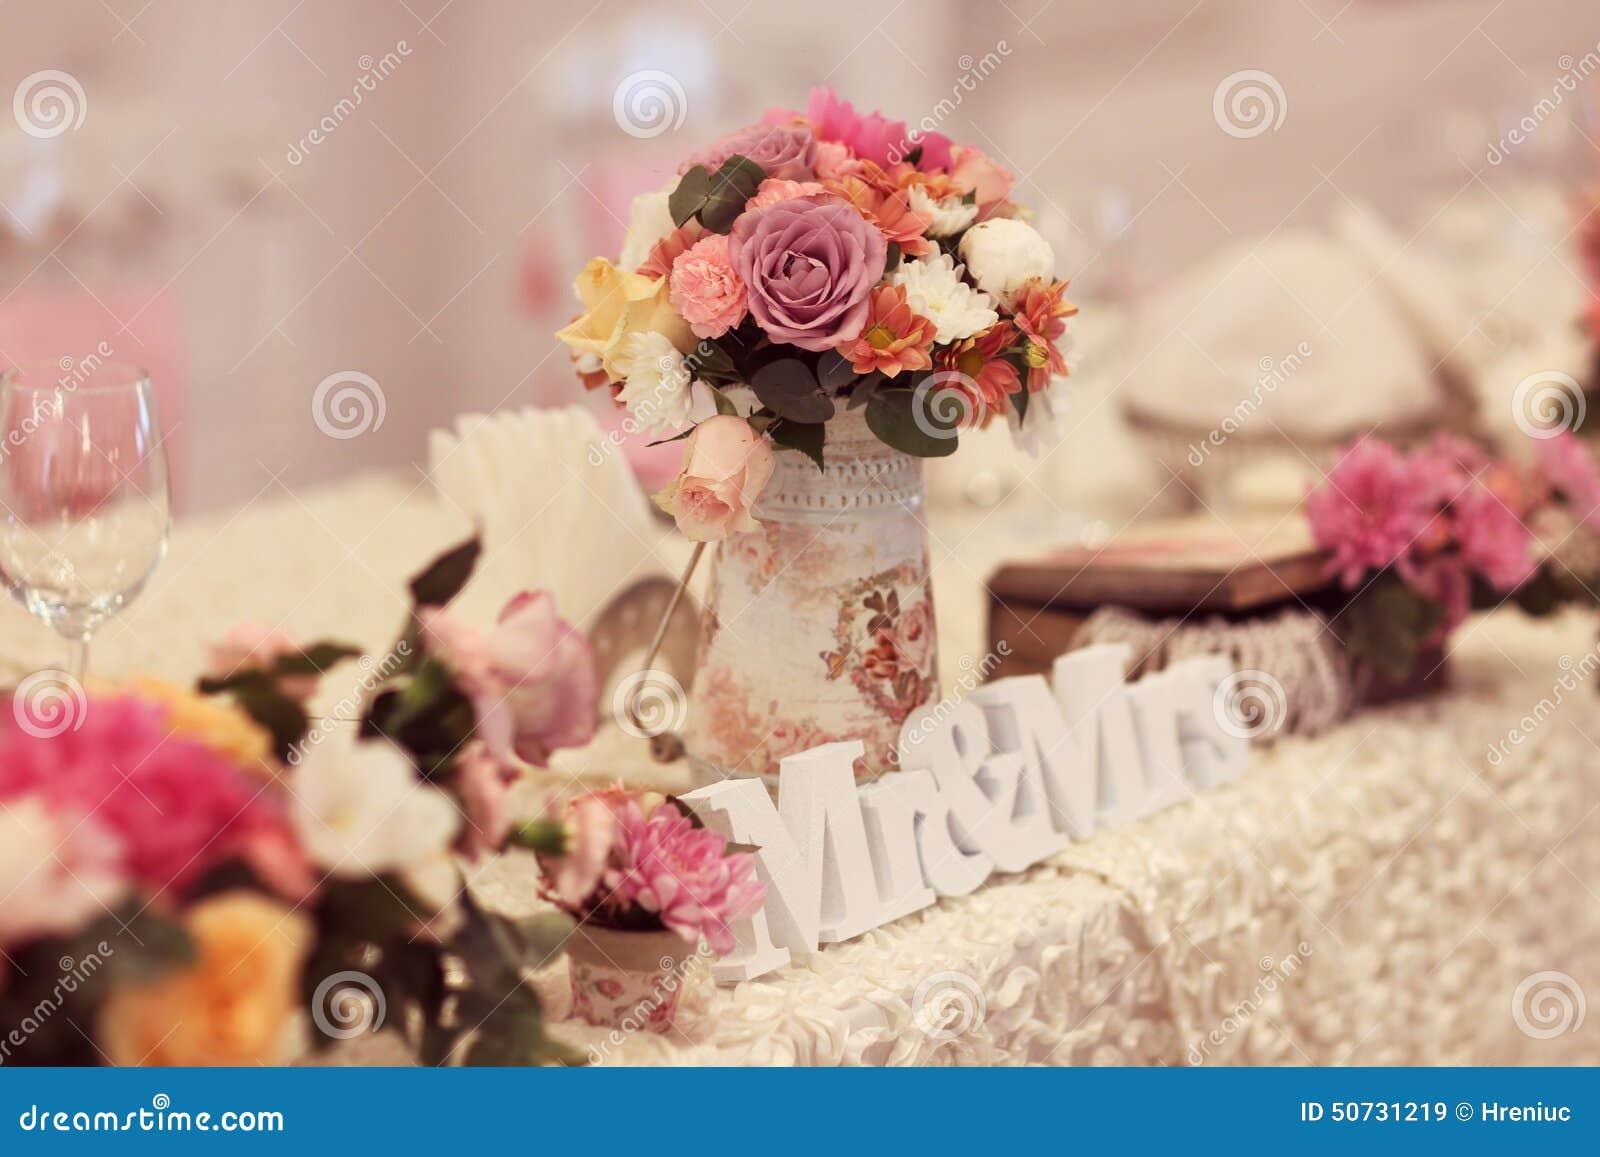 hochzeitstafel mit mr mrs leetters stockfoto bild 50731219. Black Bedroom Furniture Sets. Home Design Ideas